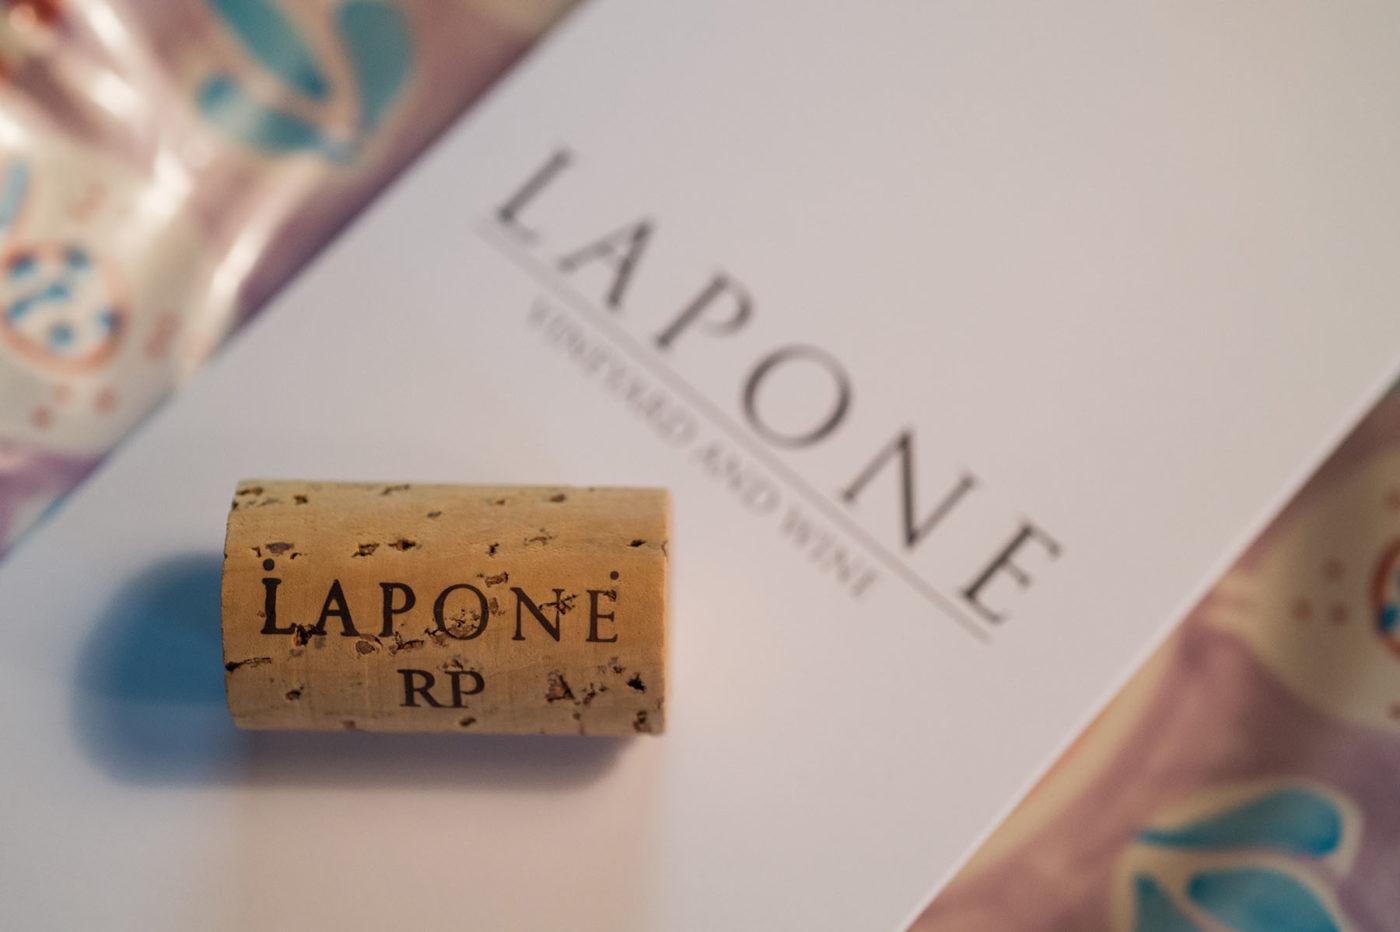 Lapone-19